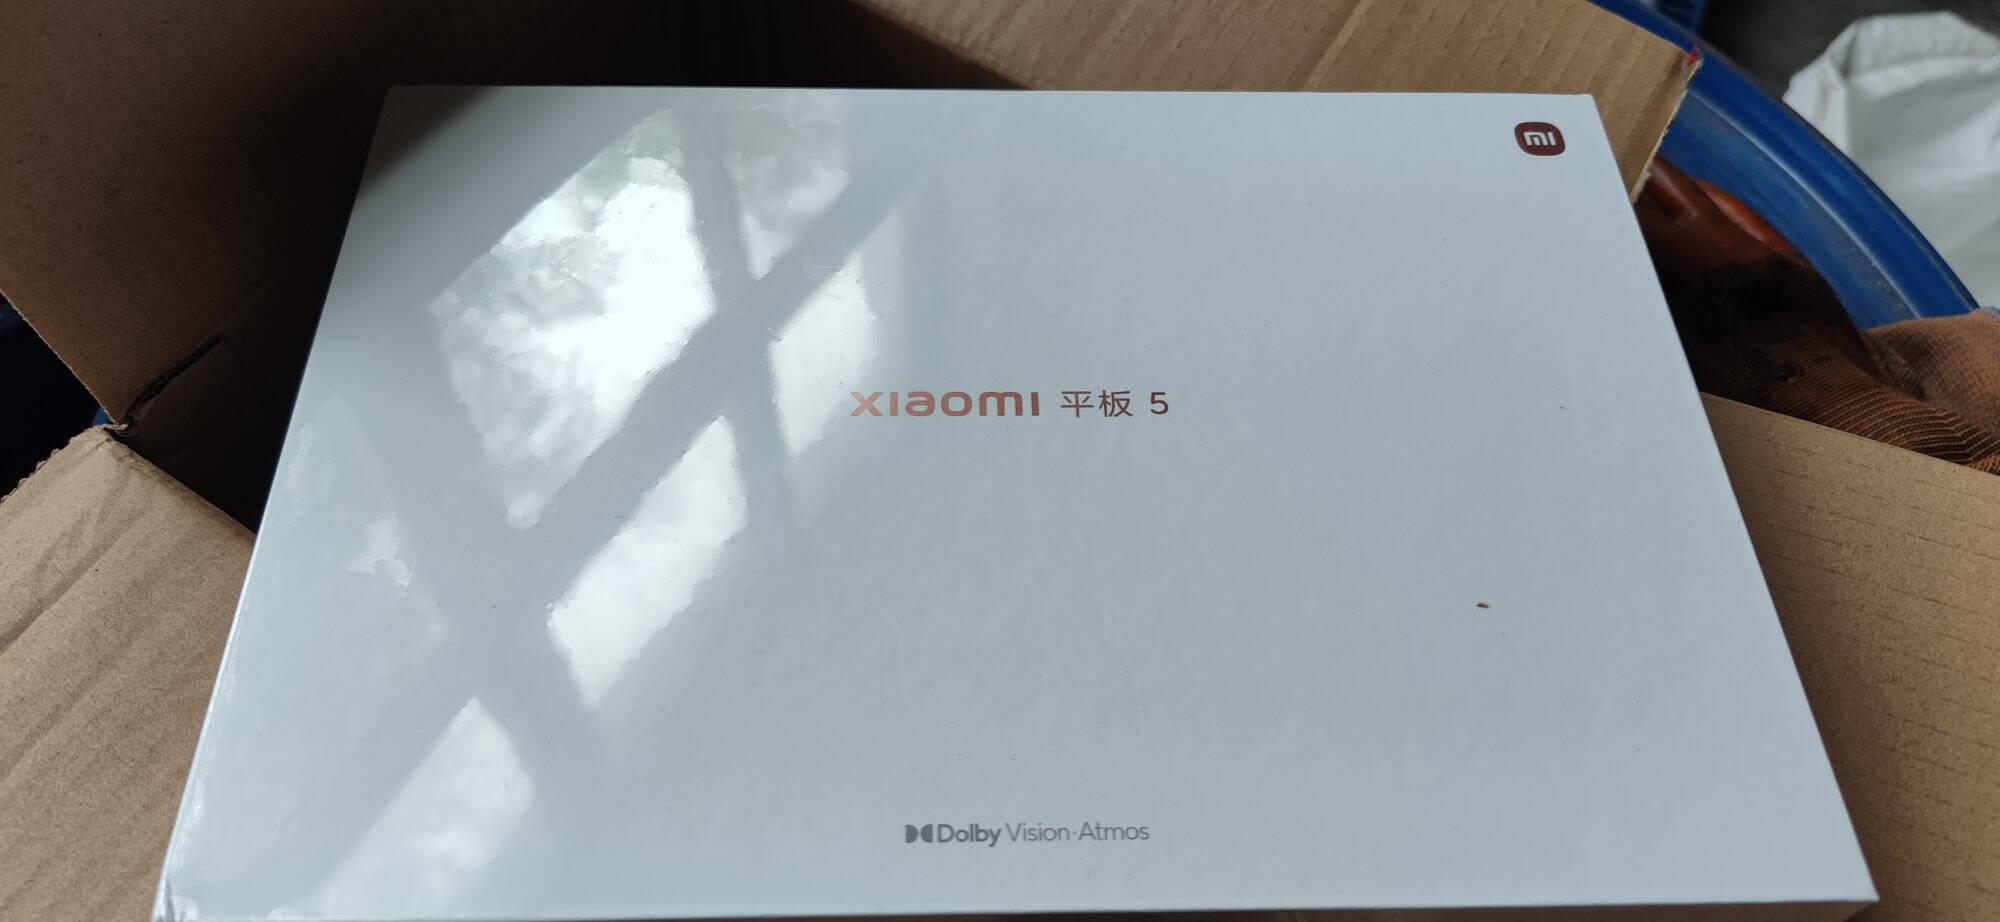 小米平板52021款11英寸2.5K高清屏120Hz骁龙86033W快充杜比影音娱乐办公平板电脑6G+128GB绿色